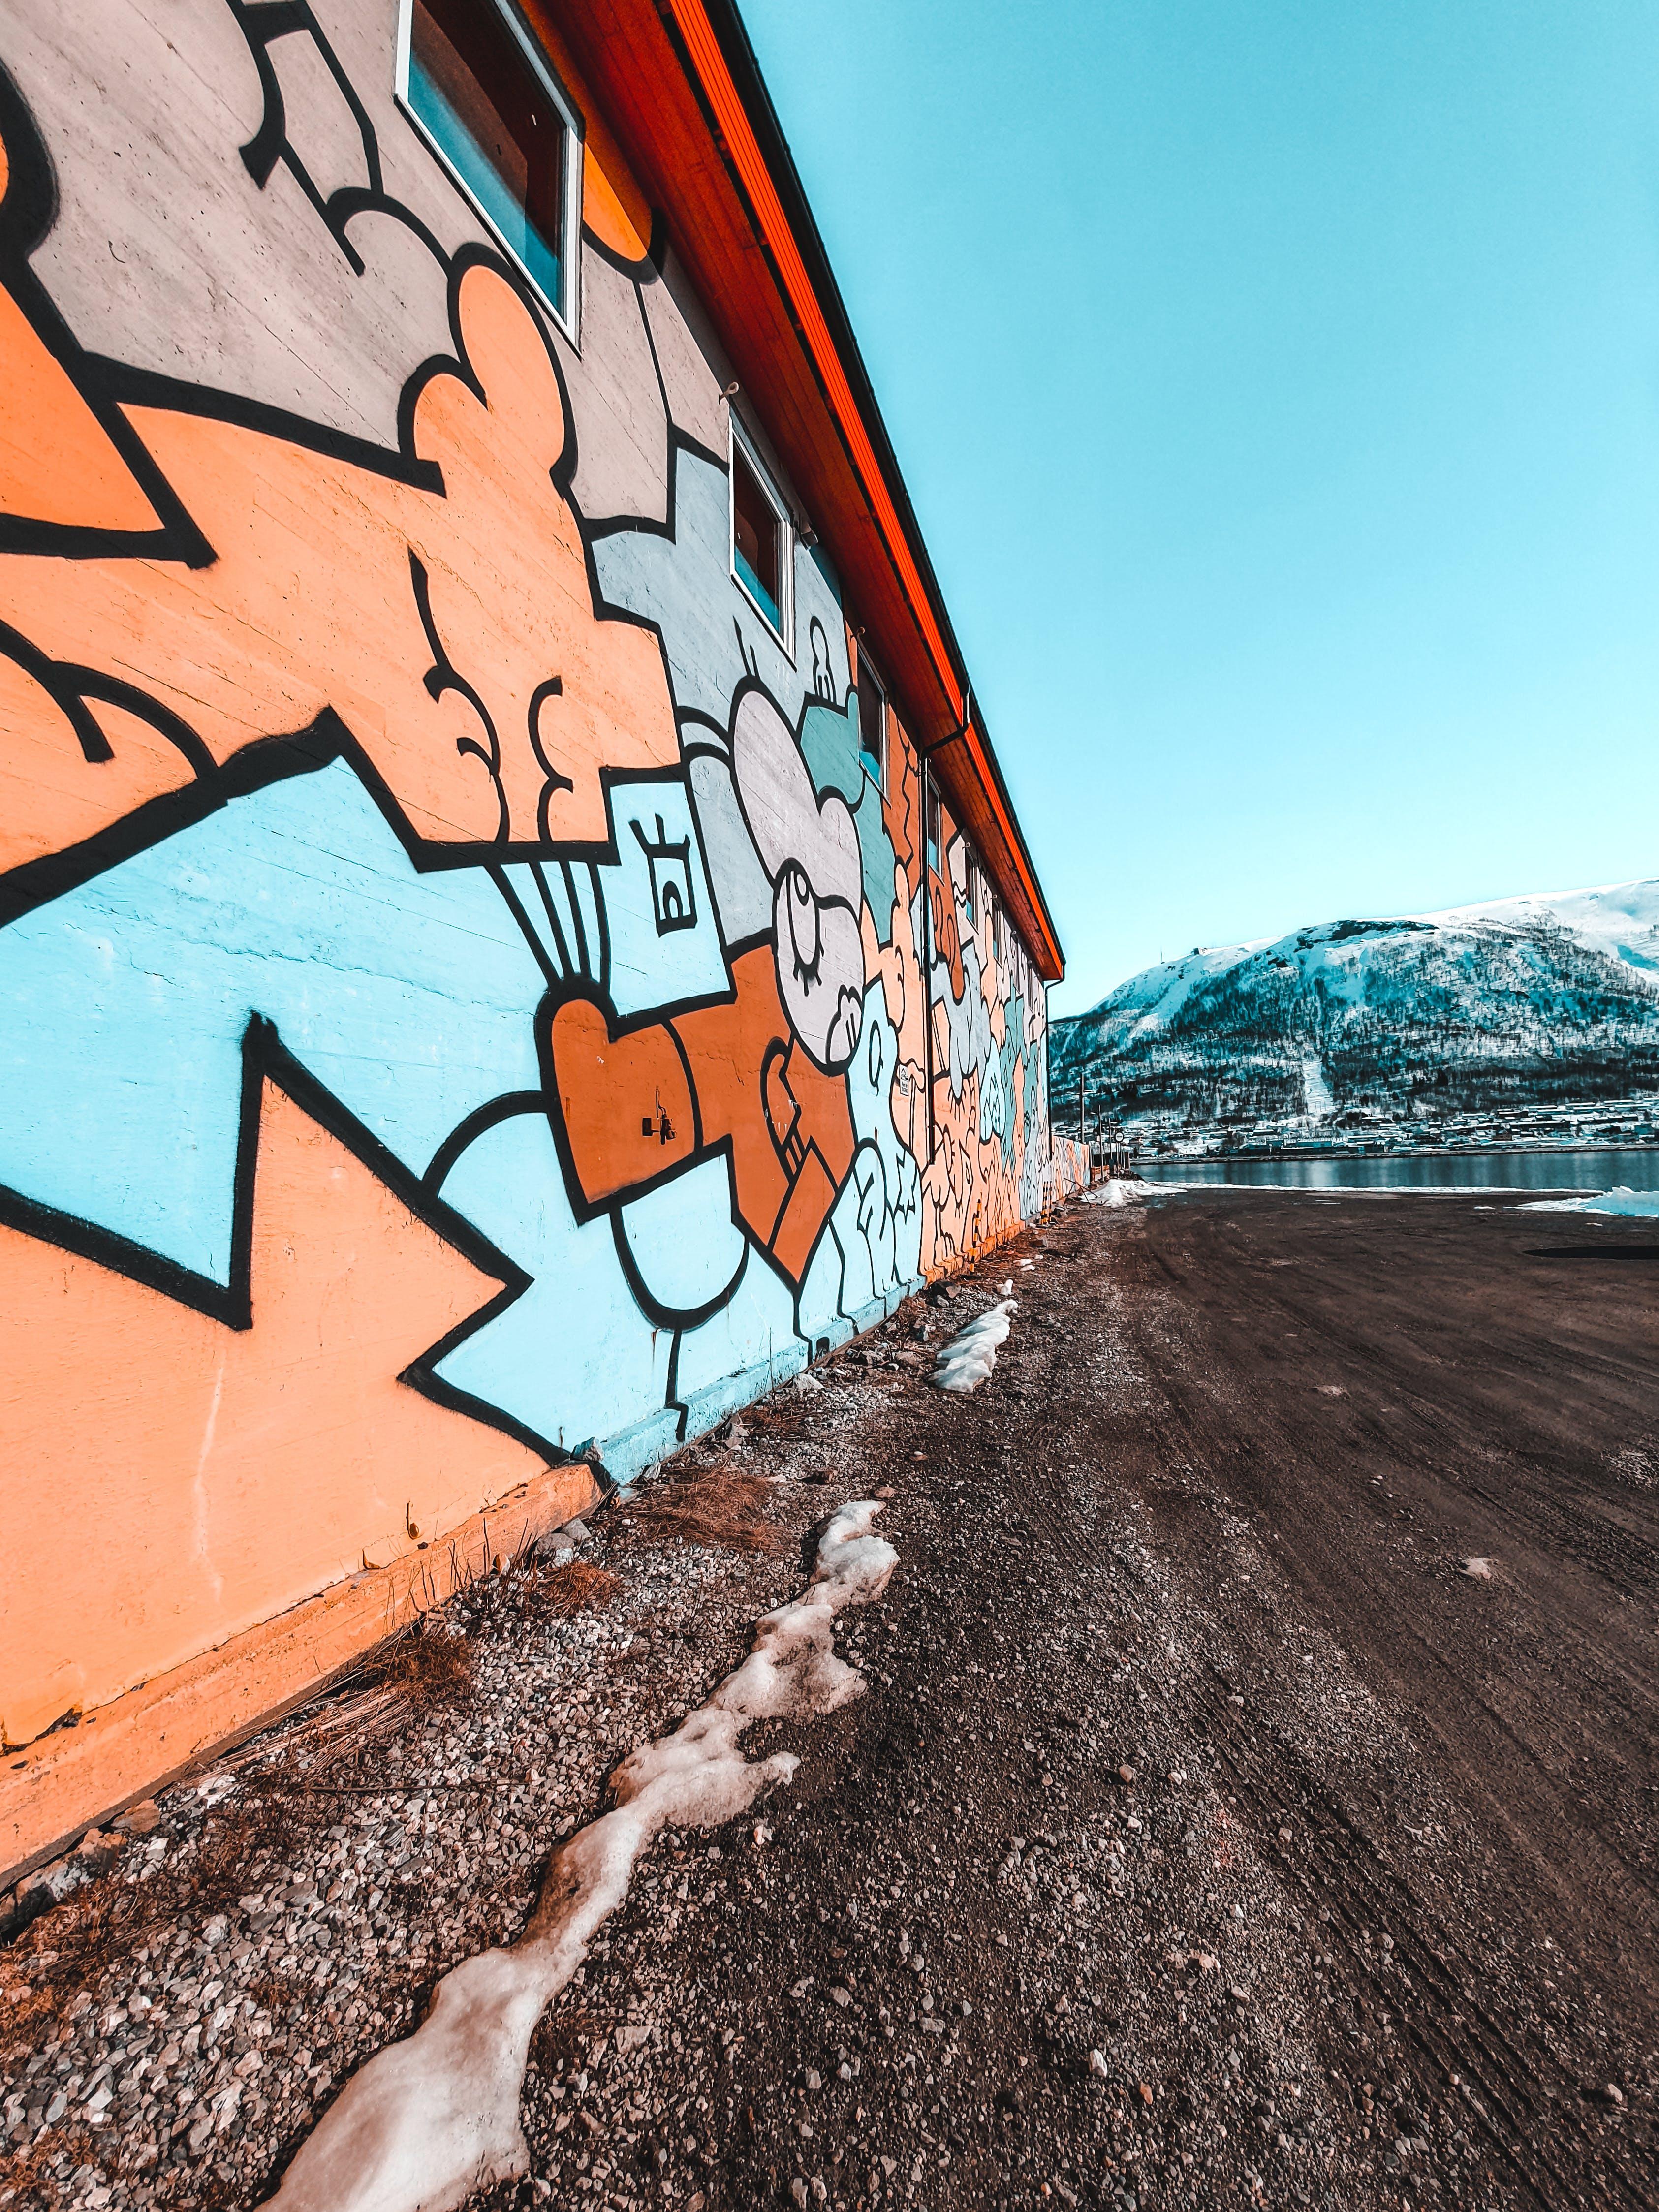 Photo of Multicolored Graffiti Wall